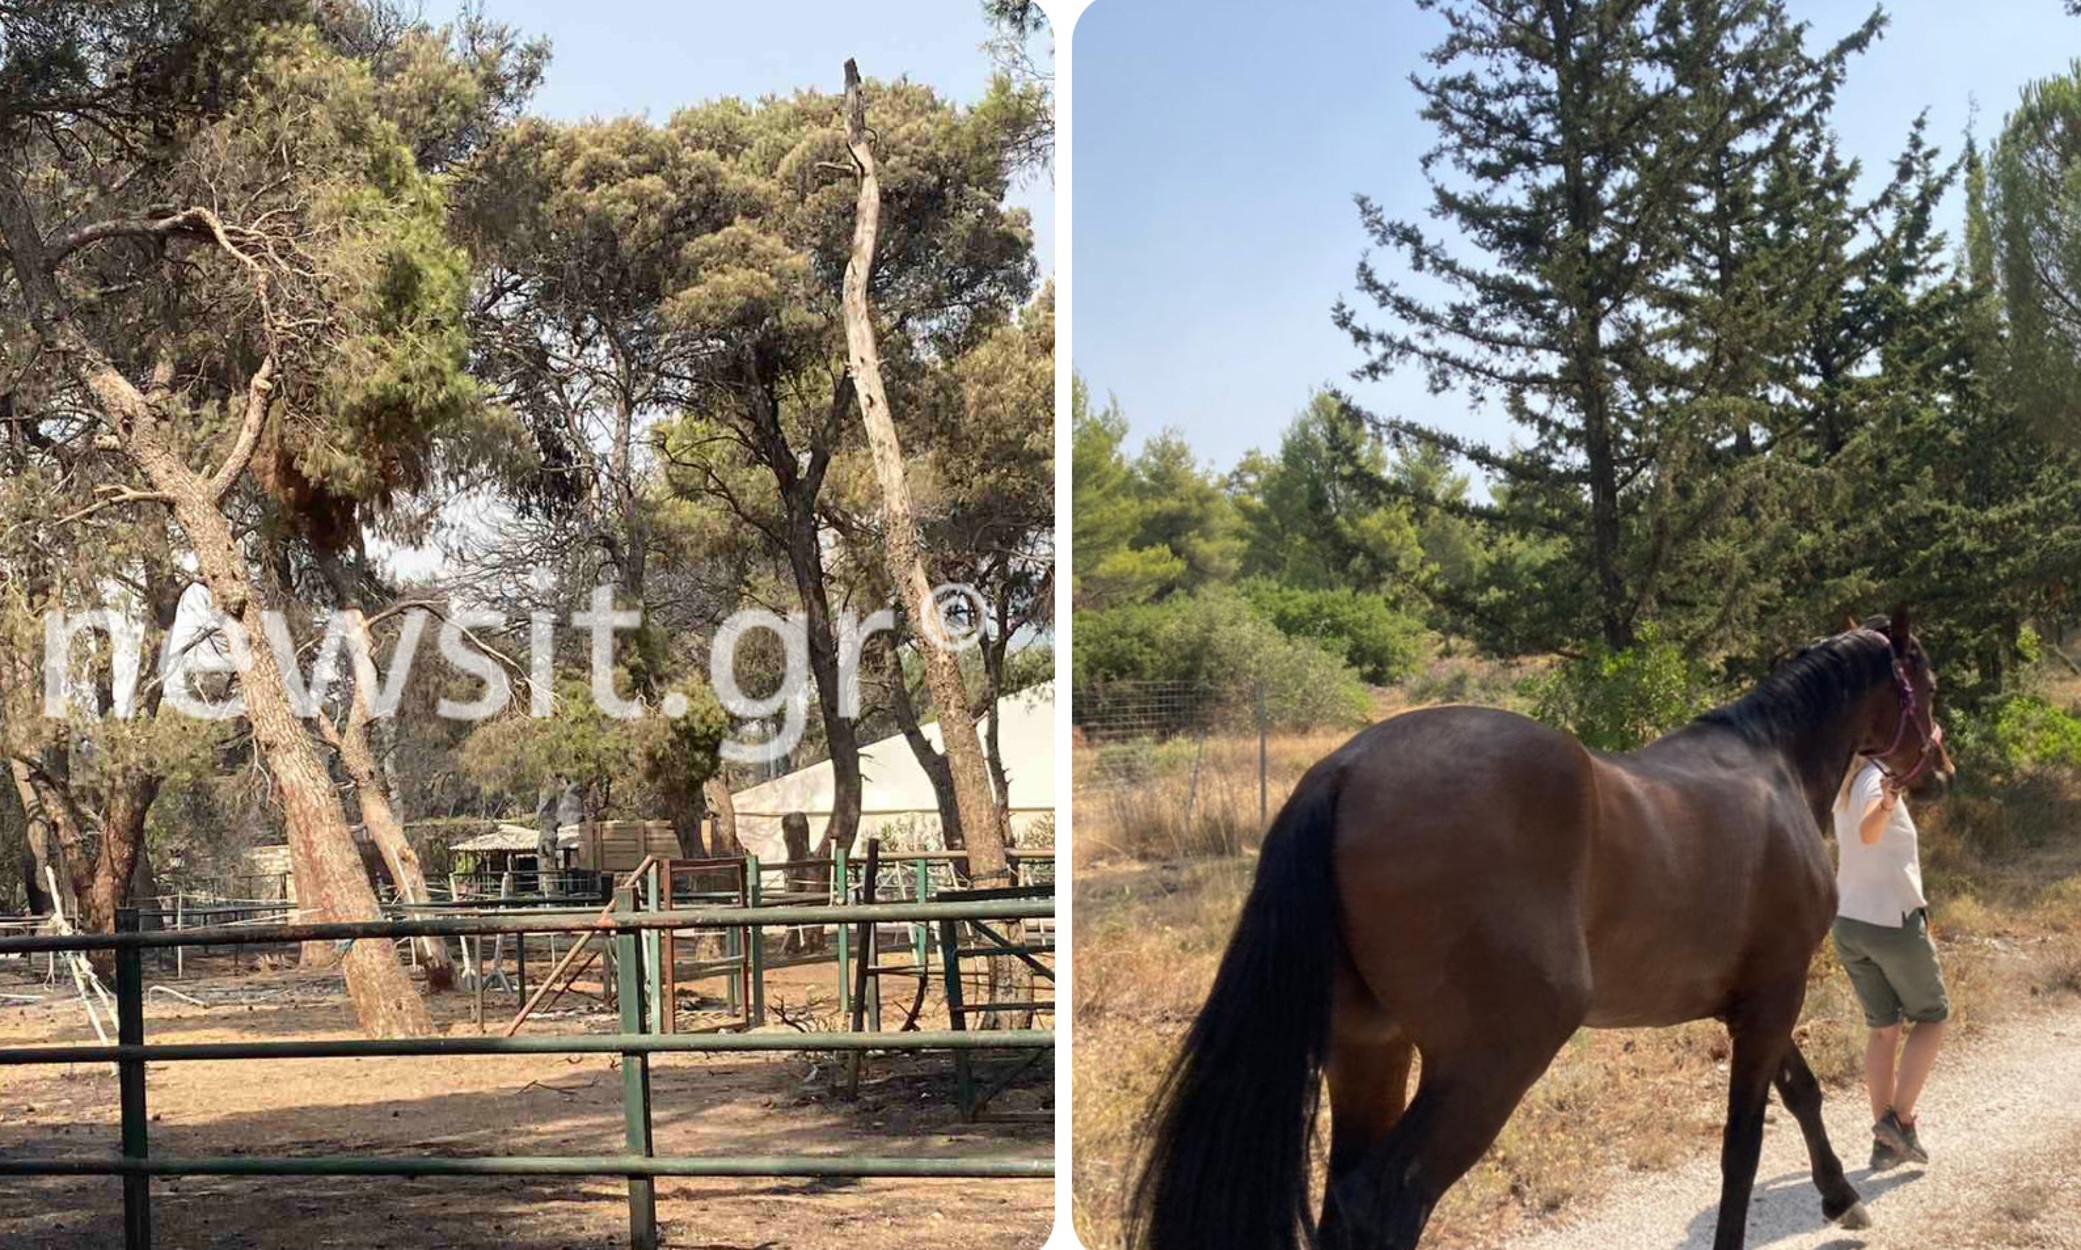 Φωτιά στην Βαρυμπόμπη: Κάηκε ο Ιππικός Όμιλος – Ασφαλή και τα 52 άλογα